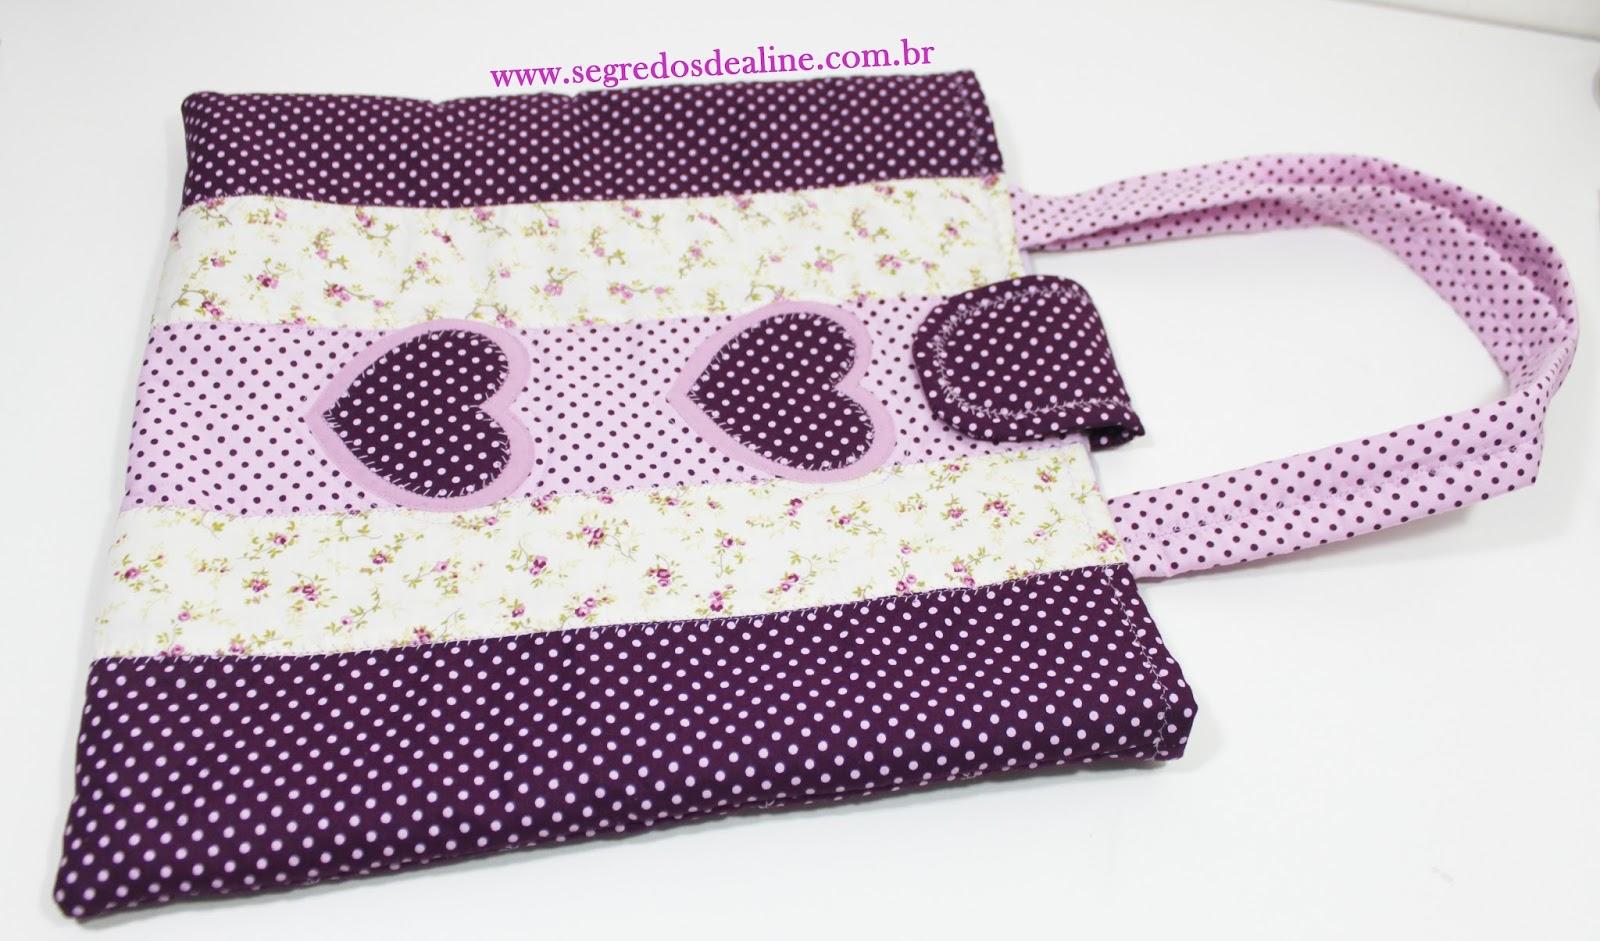 Bolsa Em Tecido Patchwork Passo A Passo : Segredos de aline bolsa tecido b?sica patchwork